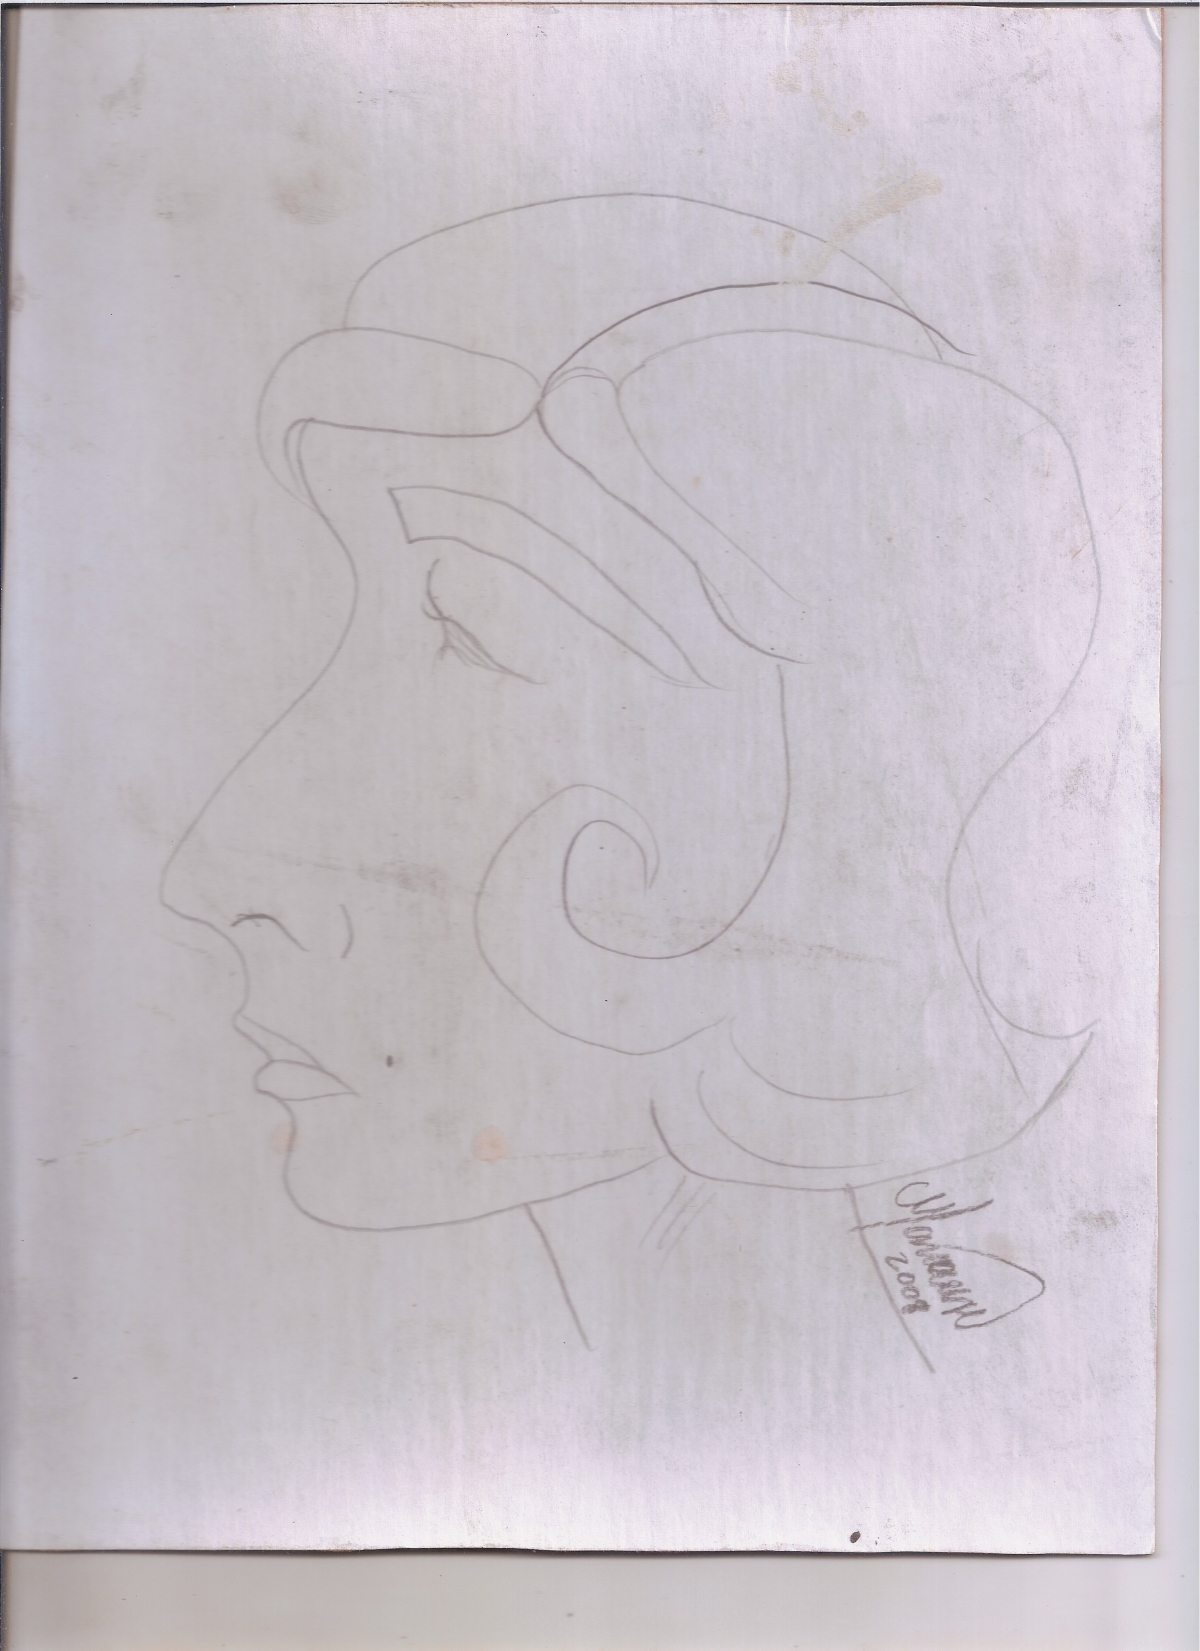 Abstracción del rostro Humano #31